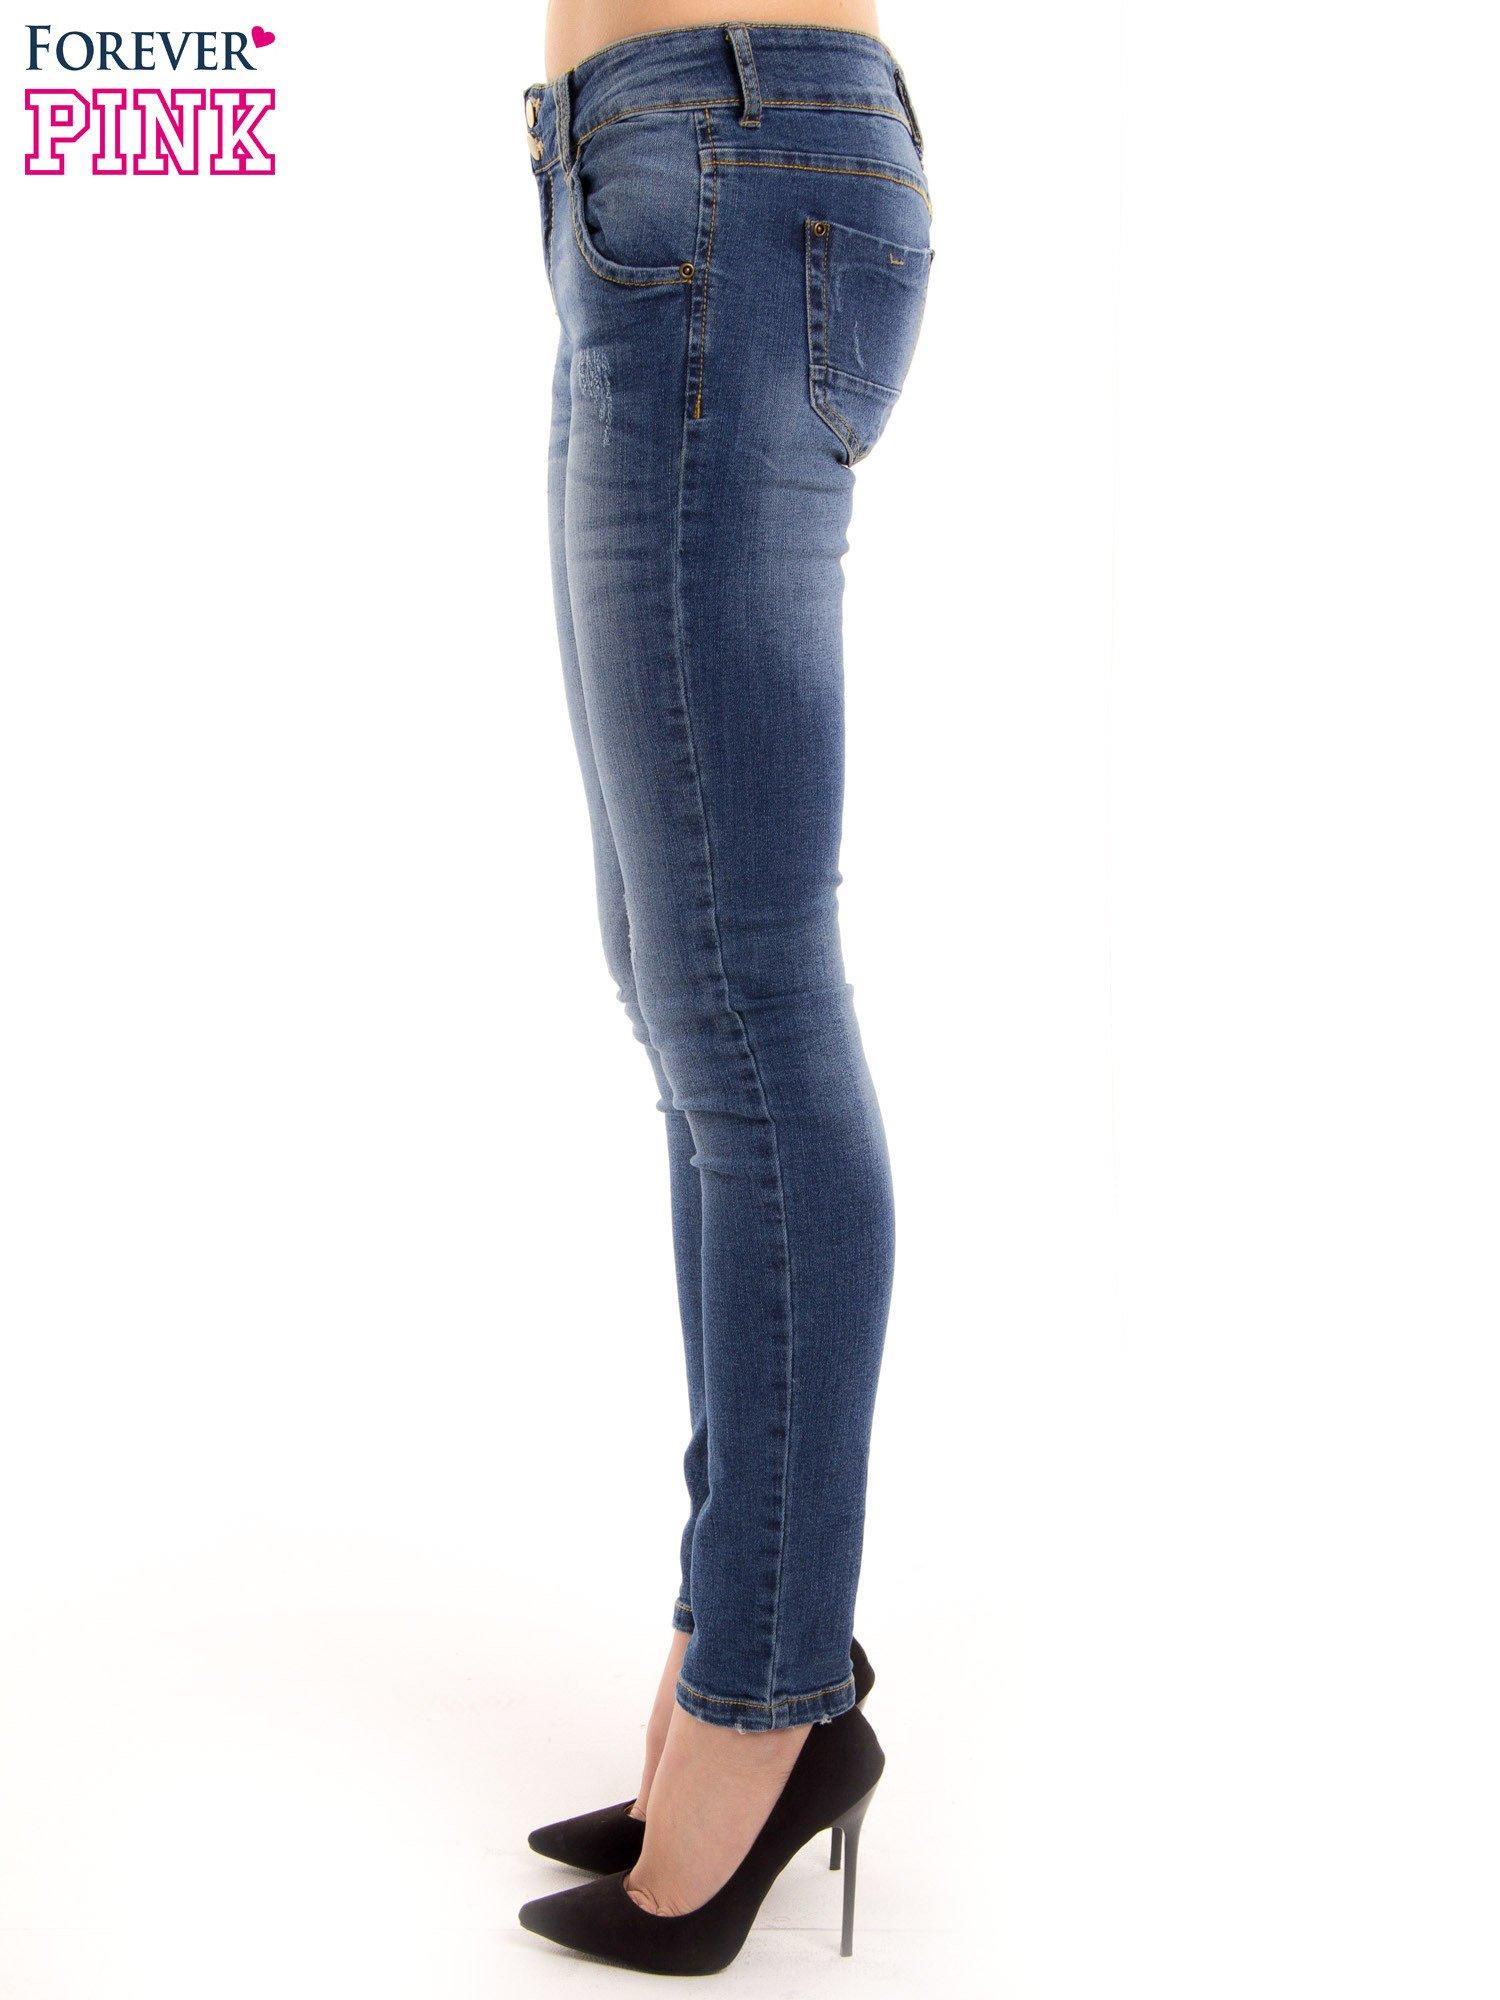 Ciemnieniebieskie jeansy biodrówki na dwa guziki                                  zdj.                                  3